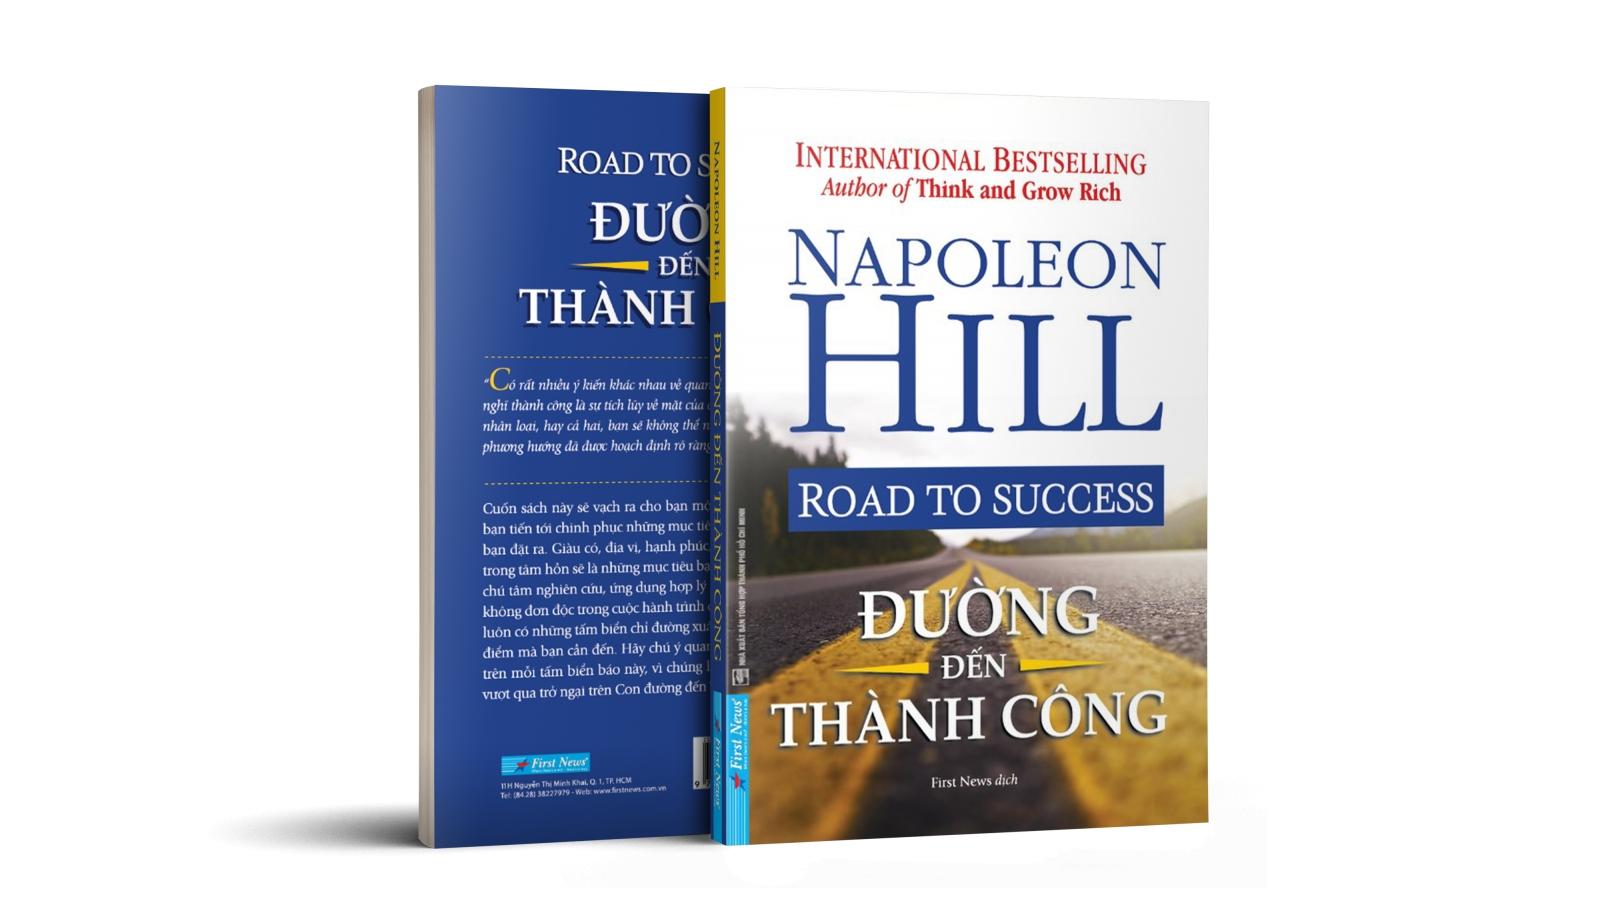 """""""Đường đến thành công"""" của Napoleon Hill: 15 biển báo để không lạc đường"""